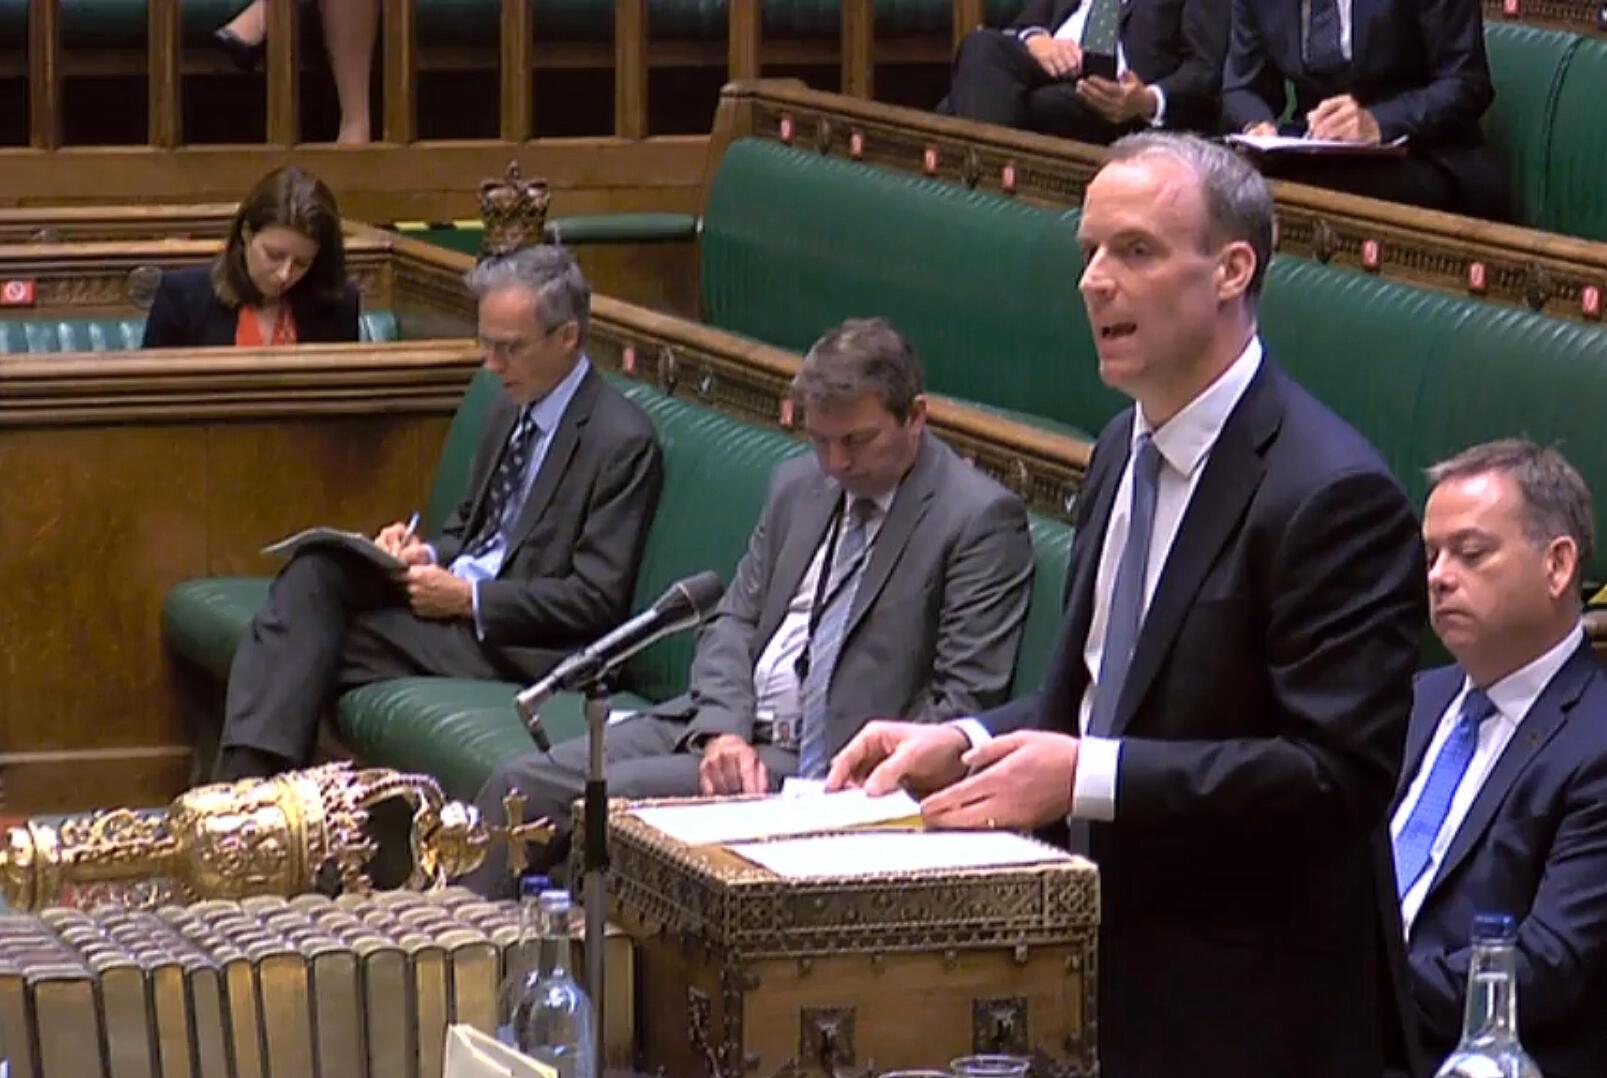 El ministro británico de Asuntos Exteriores, Dominic Raab, en una captura de video durante su declaración en el Parlamento, el 20 de julio de 2020